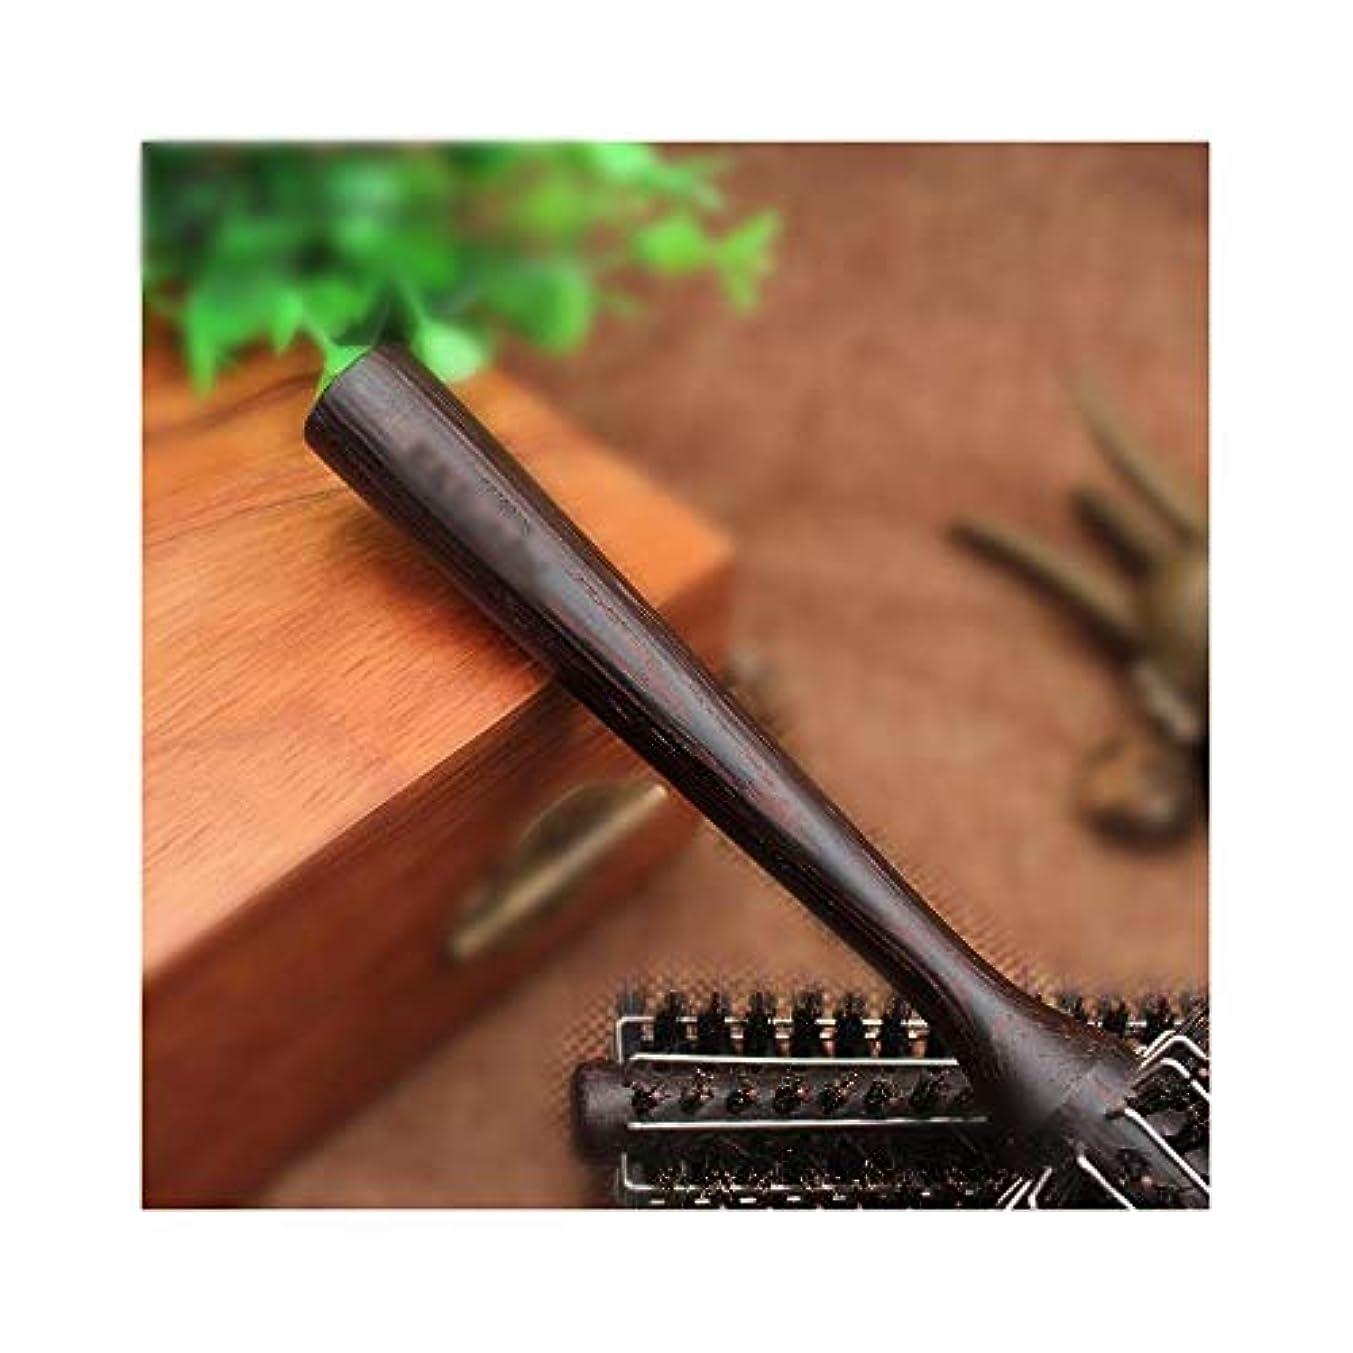 夢グレー真鍮すべてのヘアスタイリングのための抗静的ウッドローリングくし ヘアケア (サイズ : M)